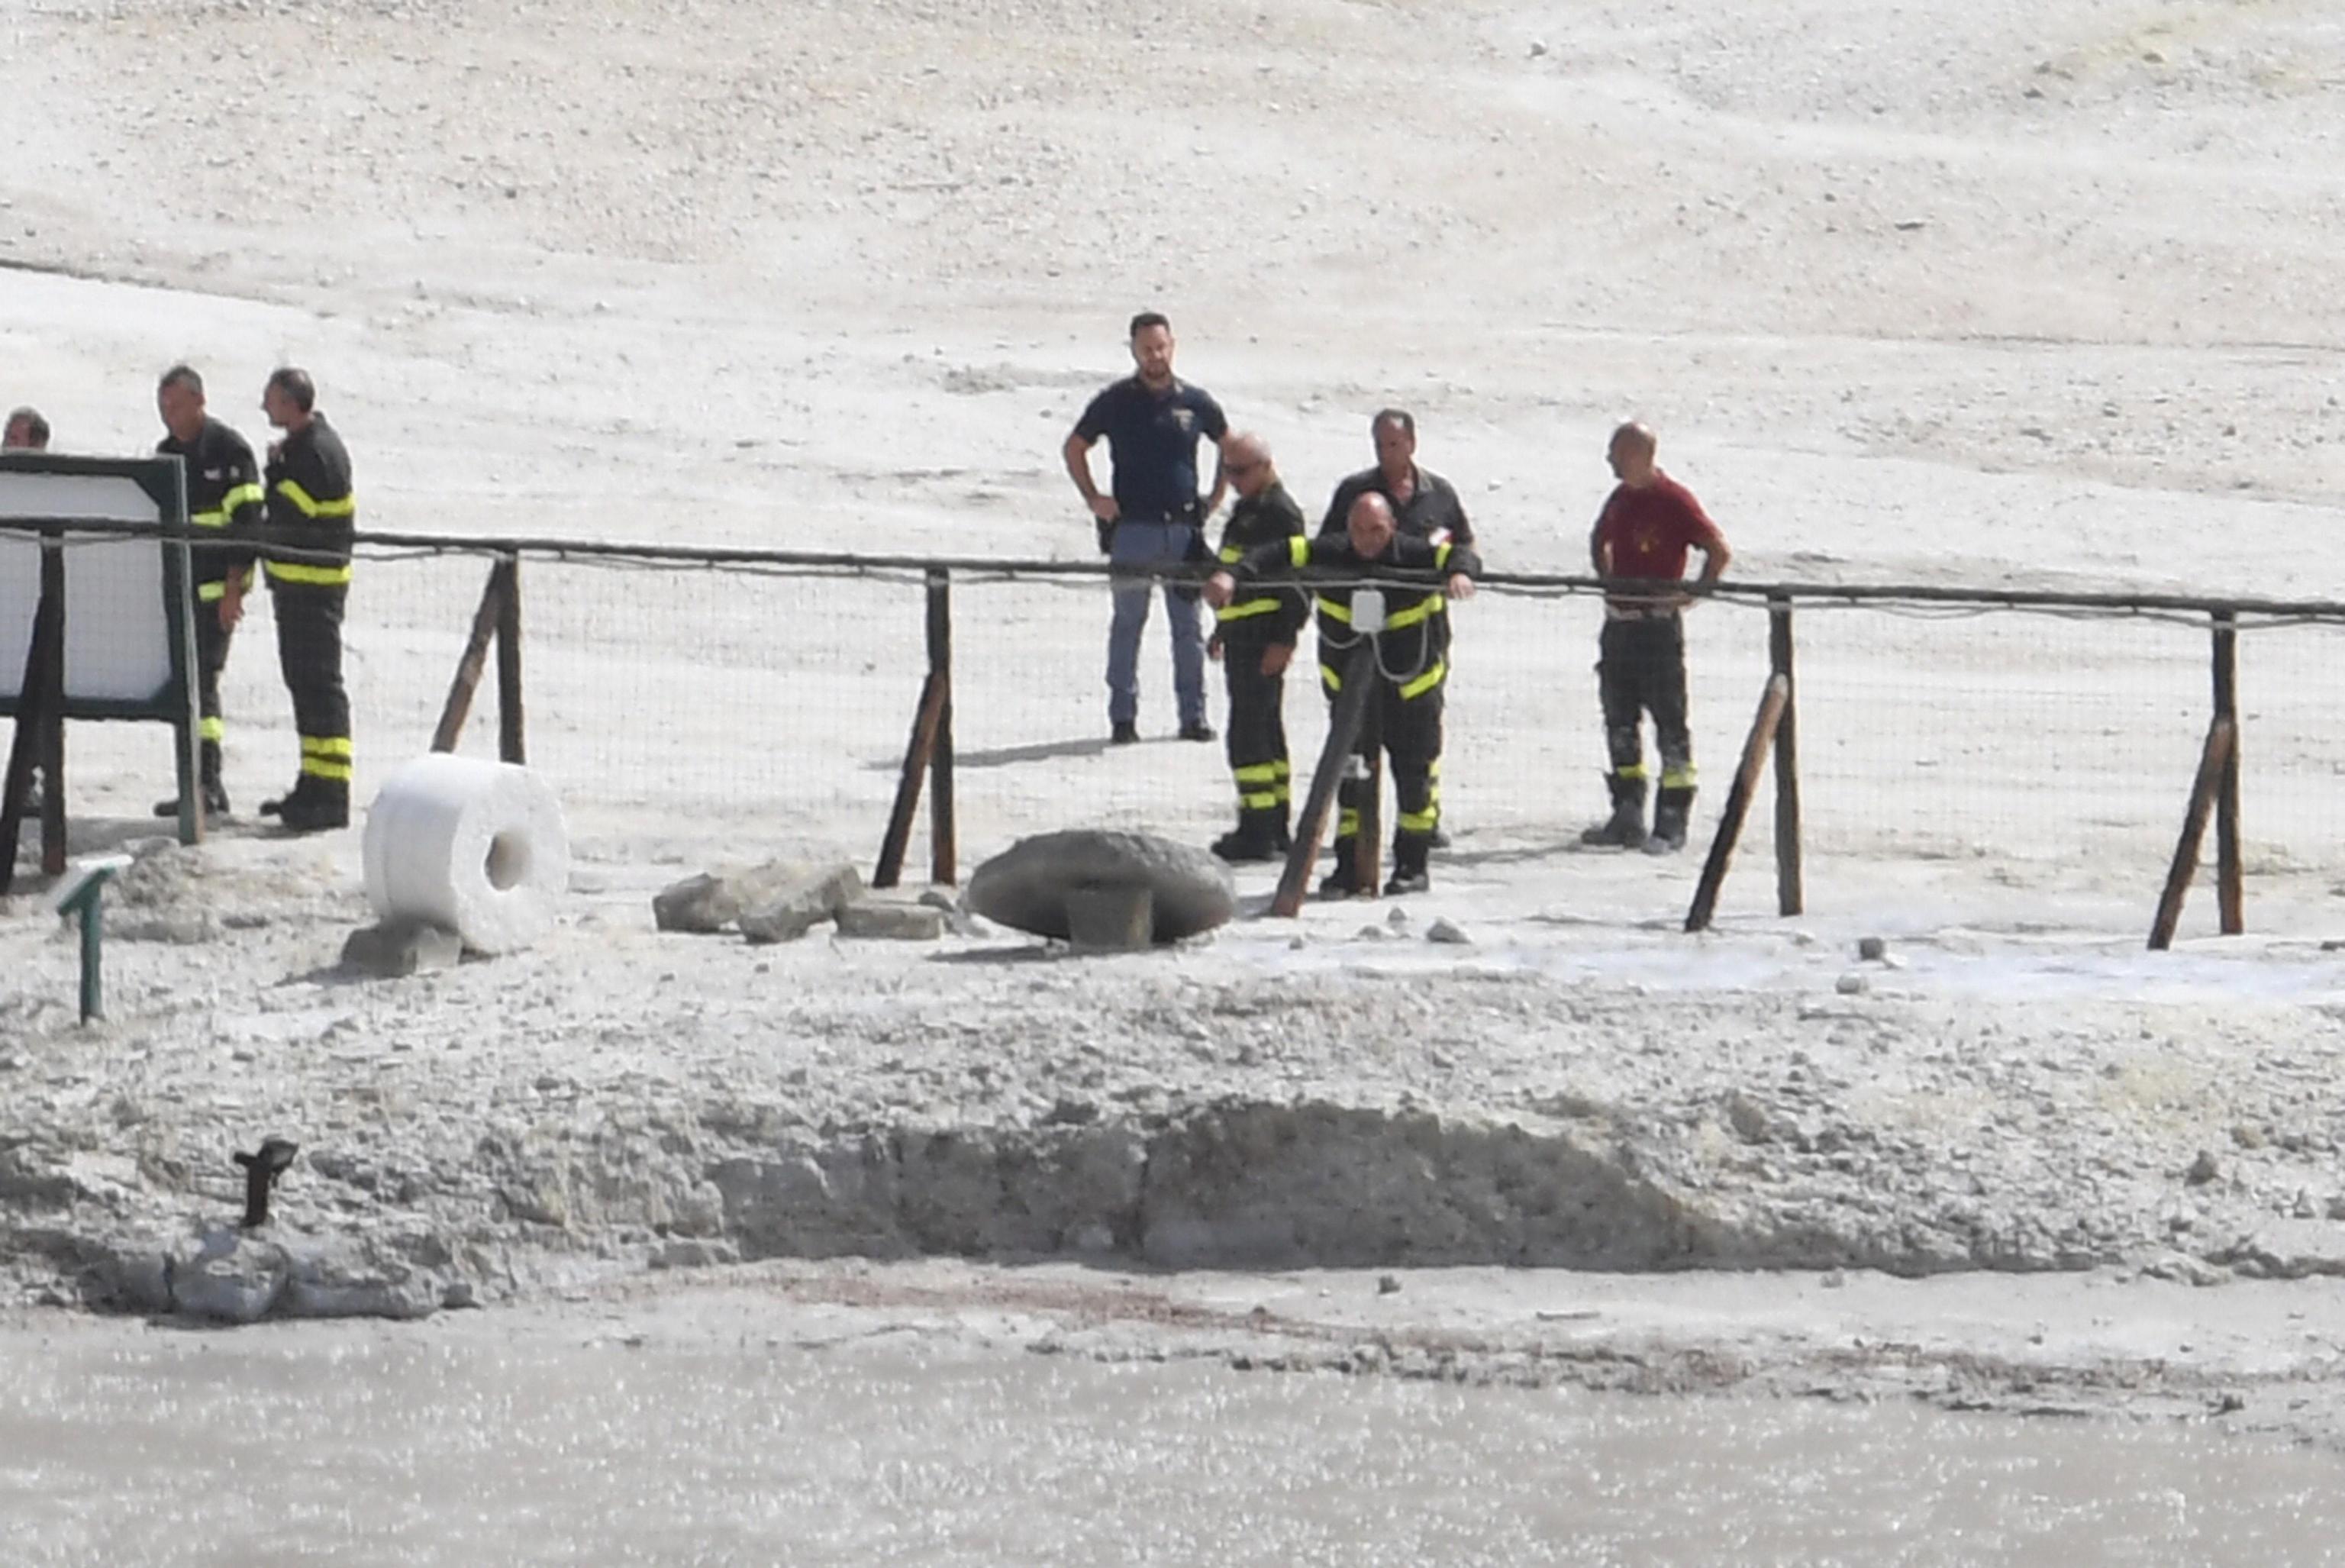 Tragedia alla Solfatara di Pozzuoli, tre morti: padre, madre e figlio perdono la vita